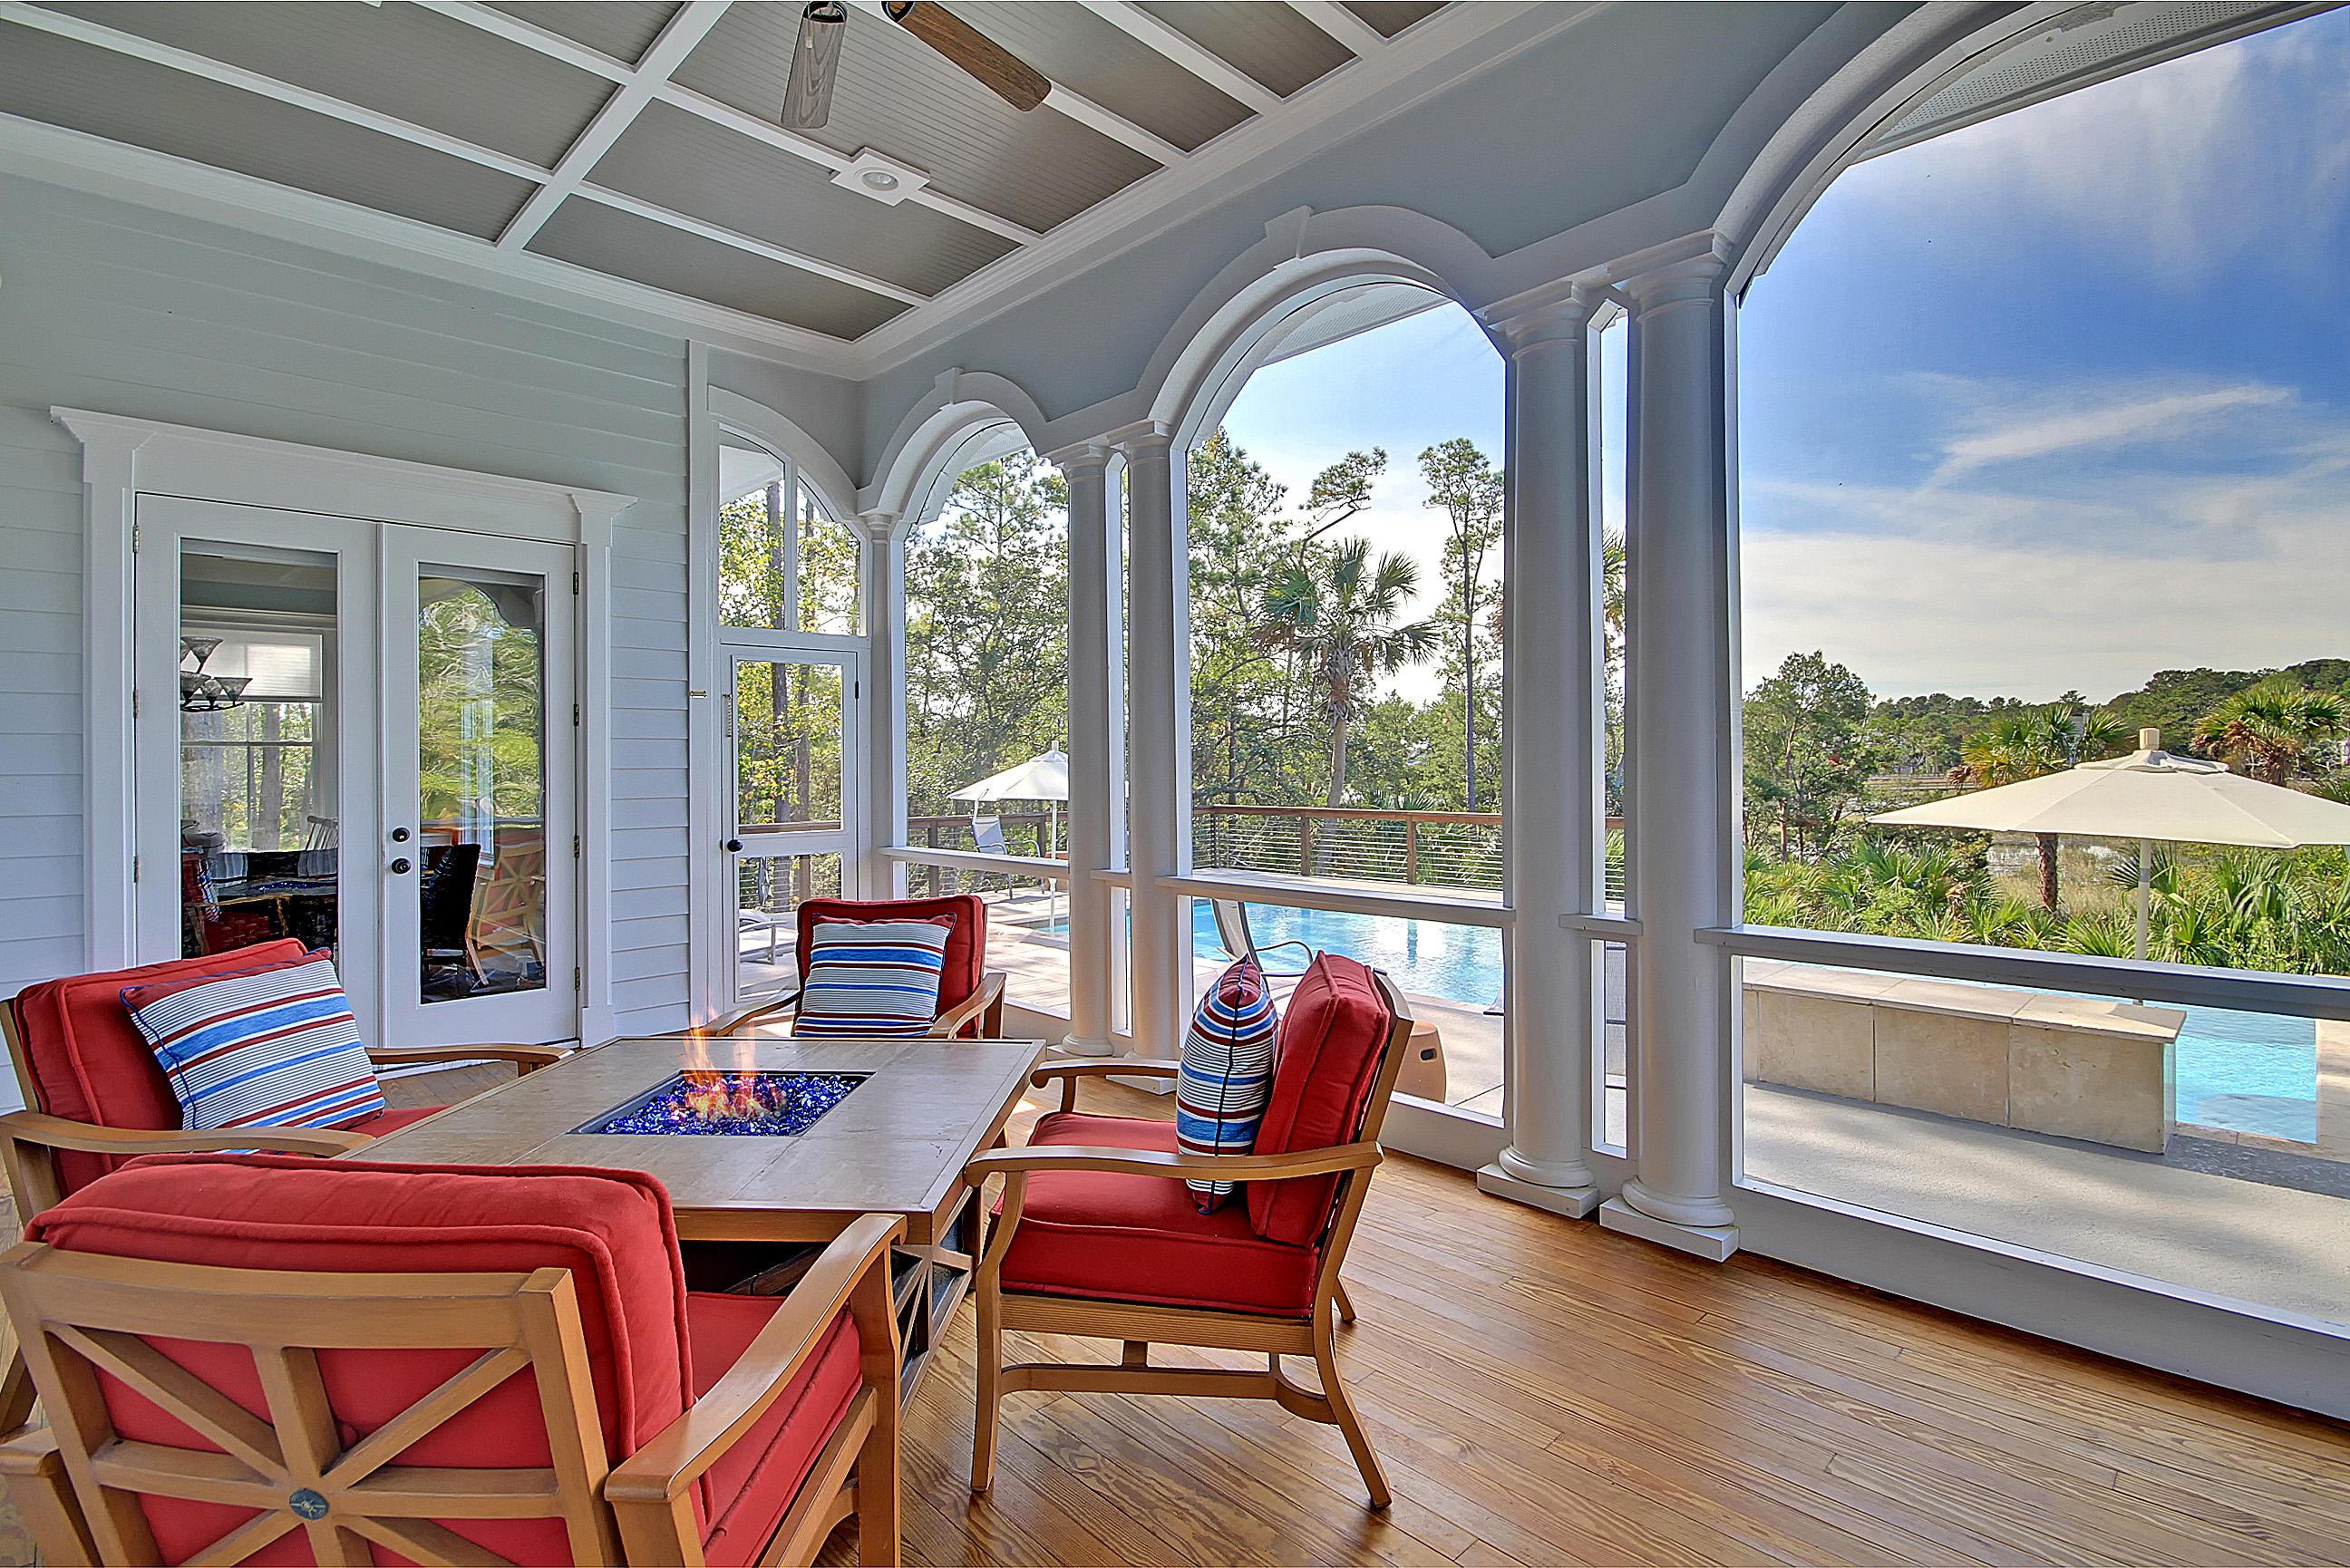 Park West Homes For Sale - 3940 Ashton Shore, Mount Pleasant, SC - 24